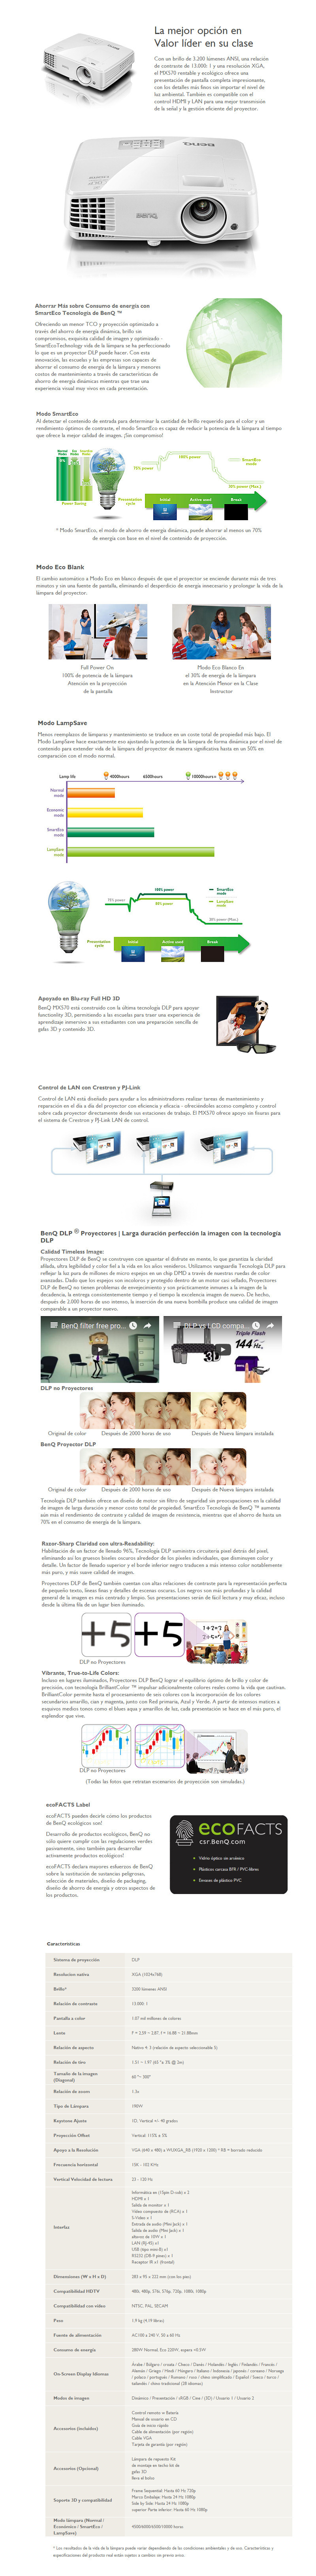 También es compatible con el control HDMI y LAN para una mejor transmisión de la señal y la gestión eficiente del proyector.